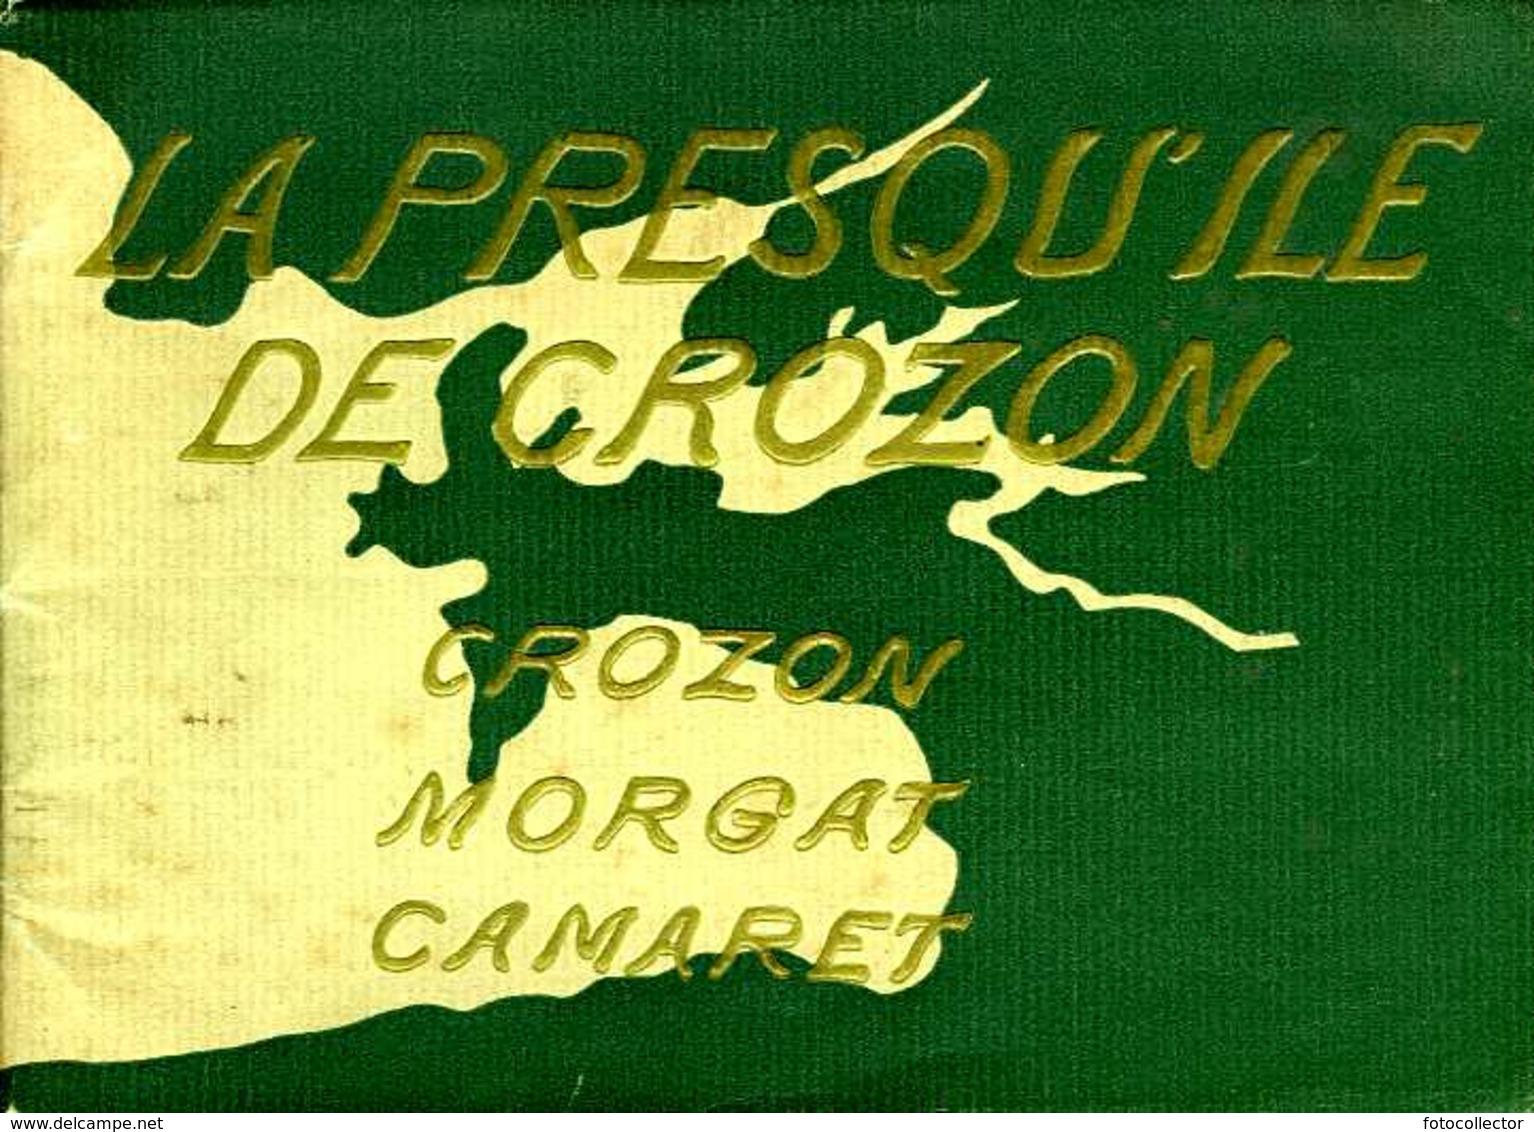 La Presqu'ile De Crozon, Morgat, Camaret (29) - Bretagne